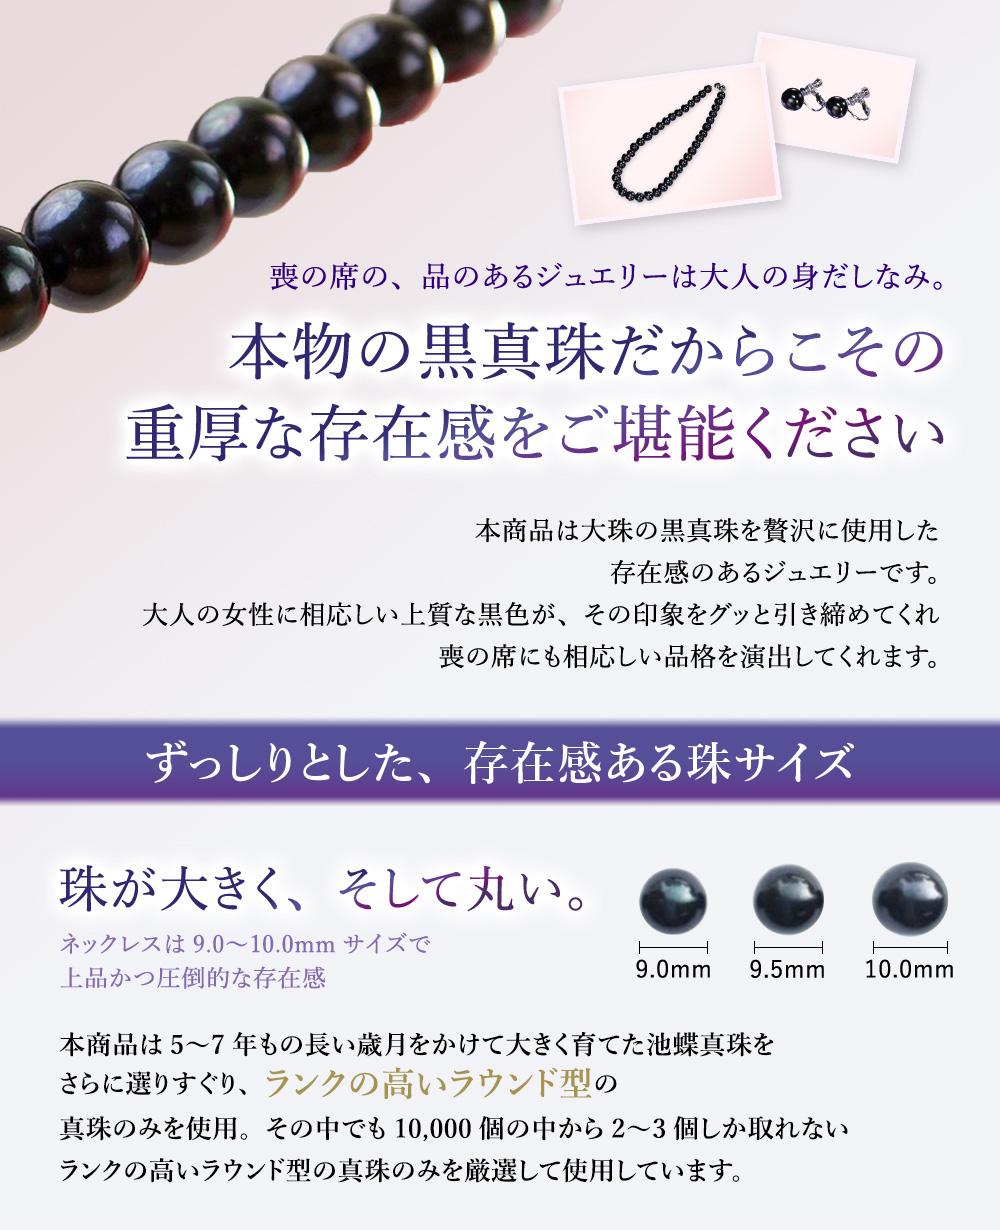 珠が大きく、そして丸い。ランクの高いラウンド型の真珠のみを使用しています